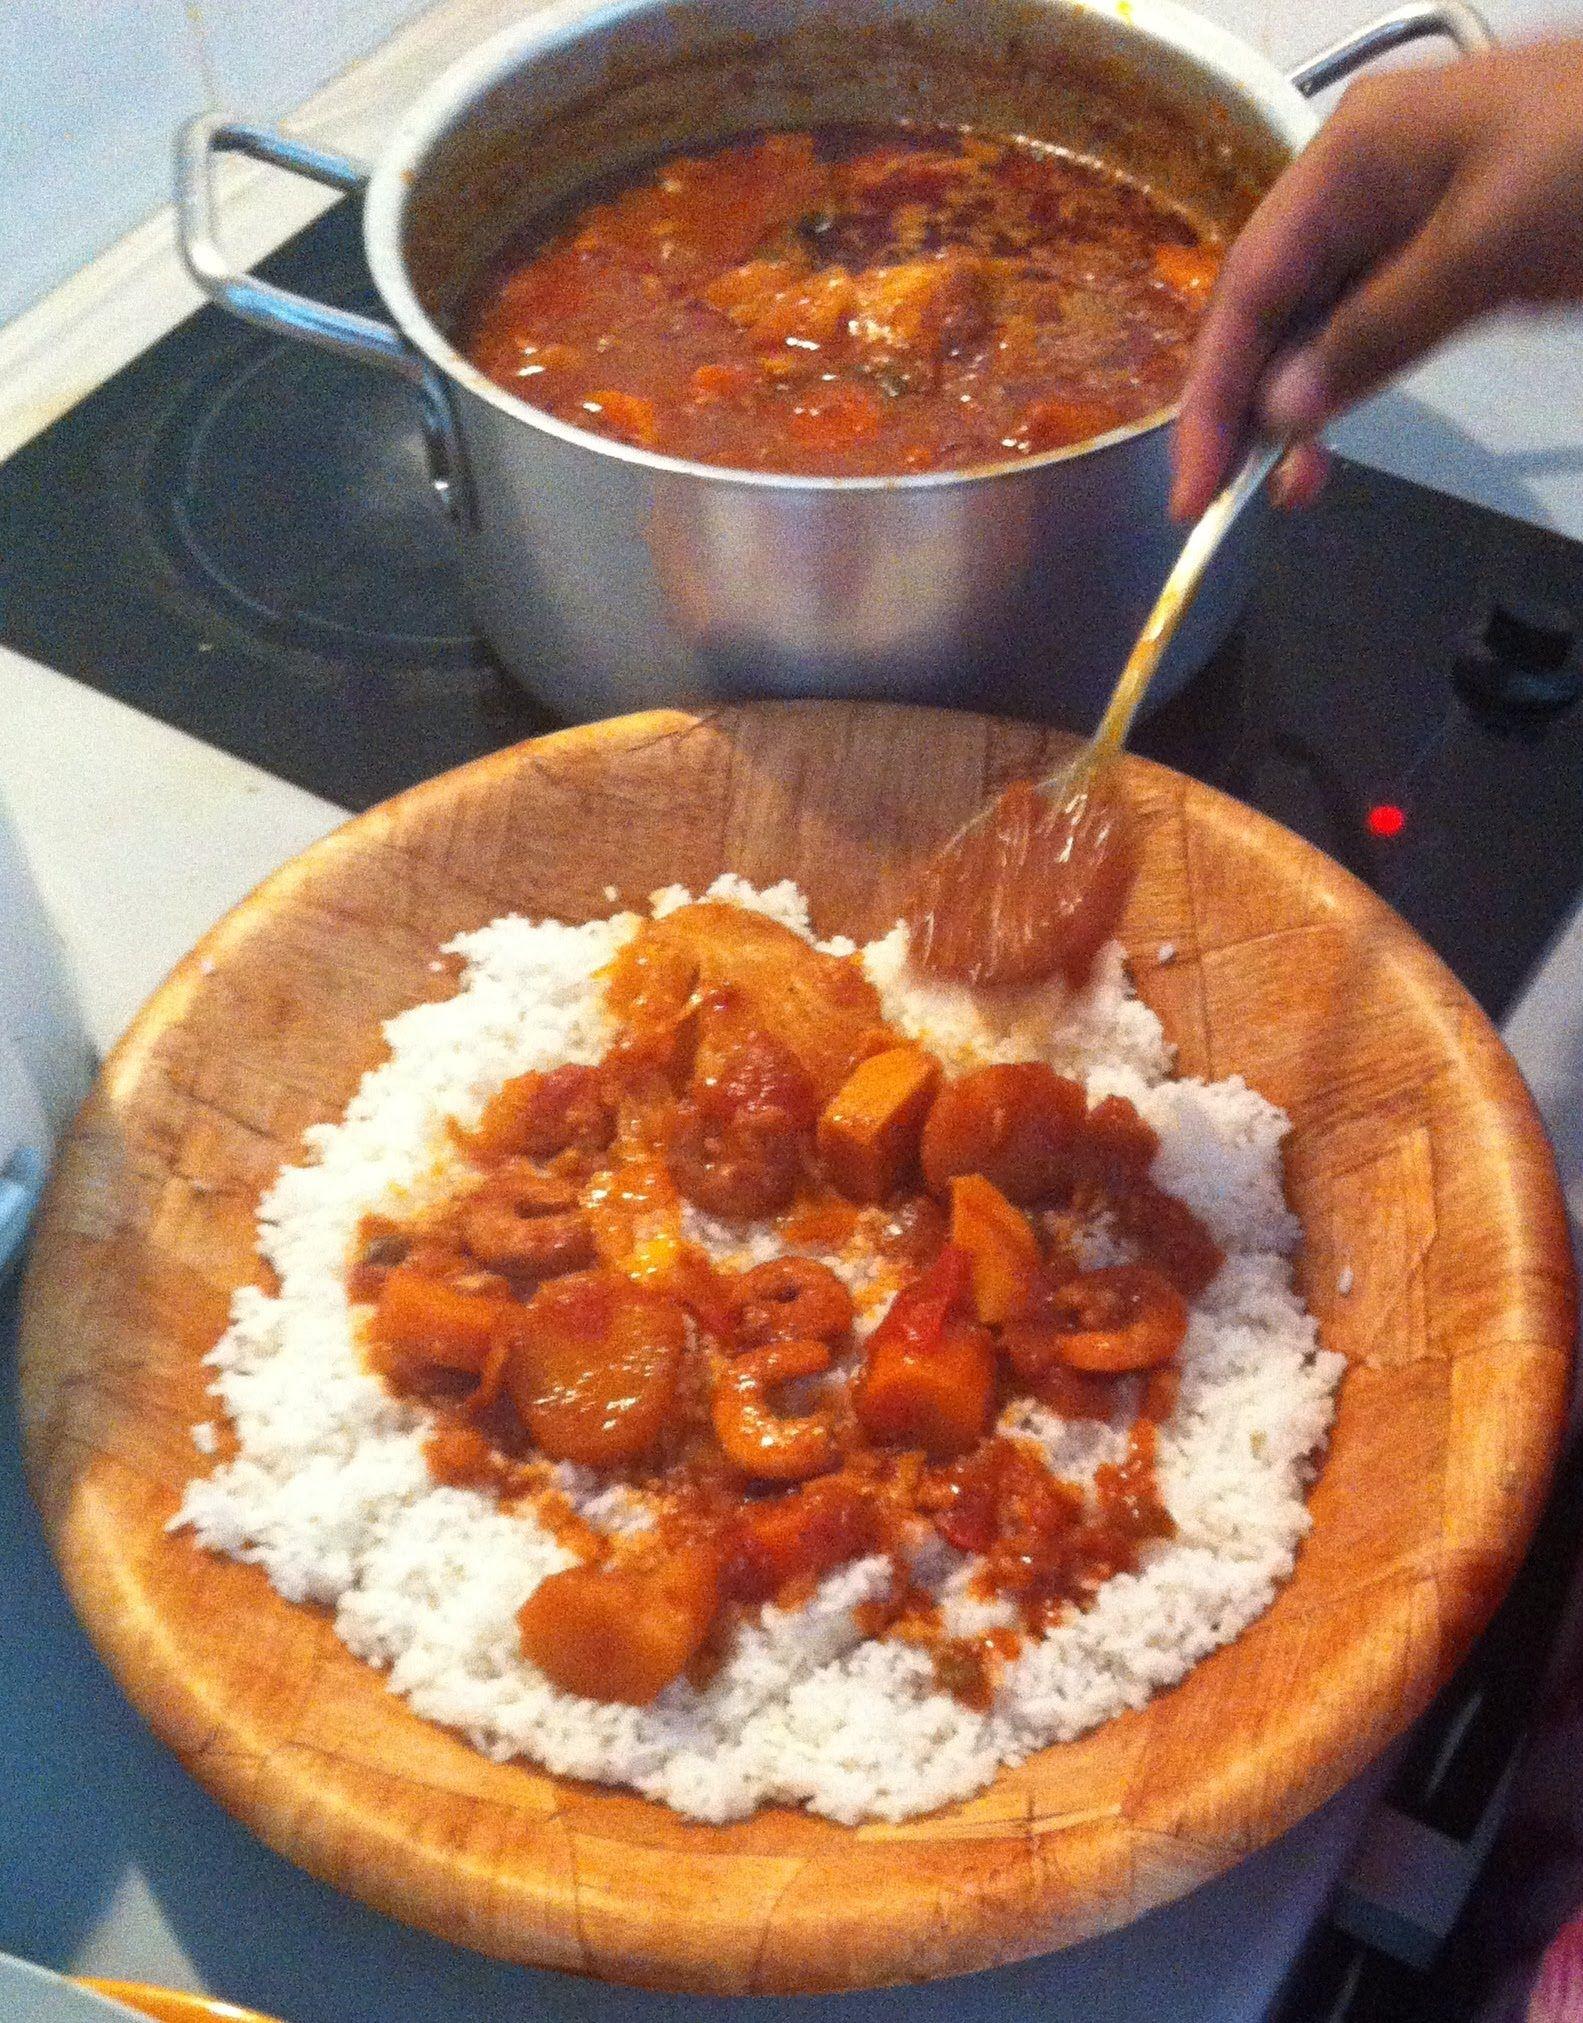 Thiou aux crevettes recette s n galaise recettes s n galaises pinterest recette - Recette de cuisine senegalaise ...